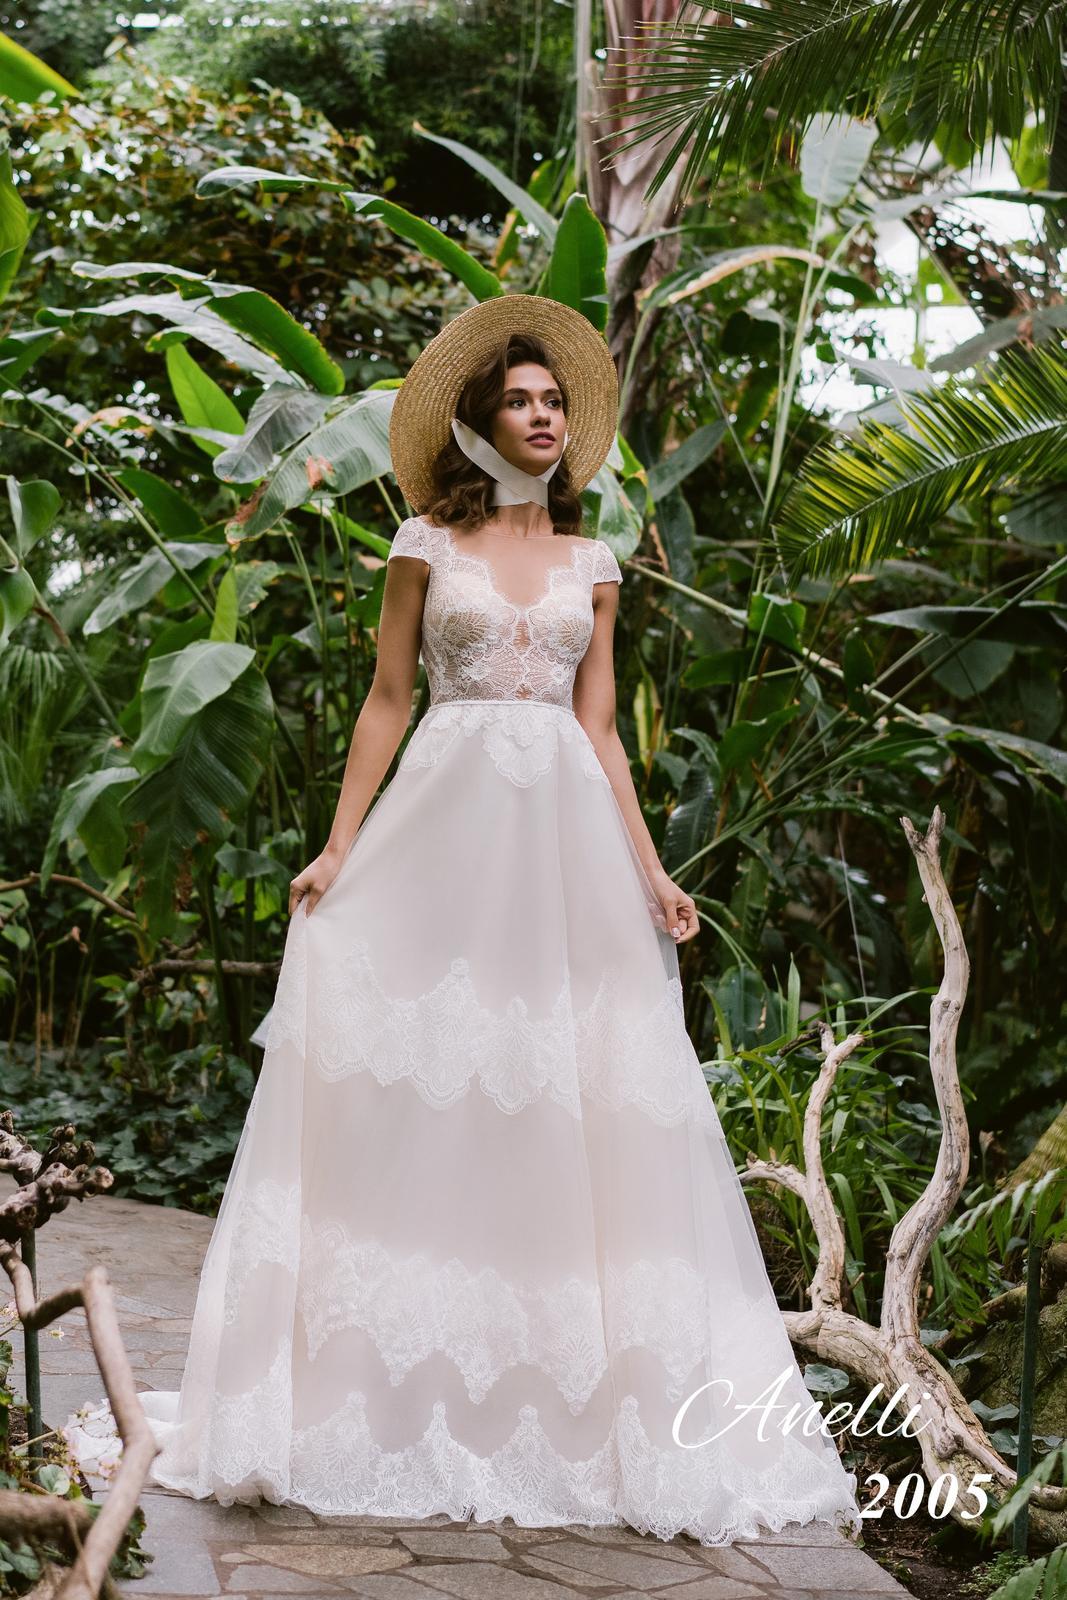 Svadobné šaty - Breeze 2005 - Obrázok č. 1